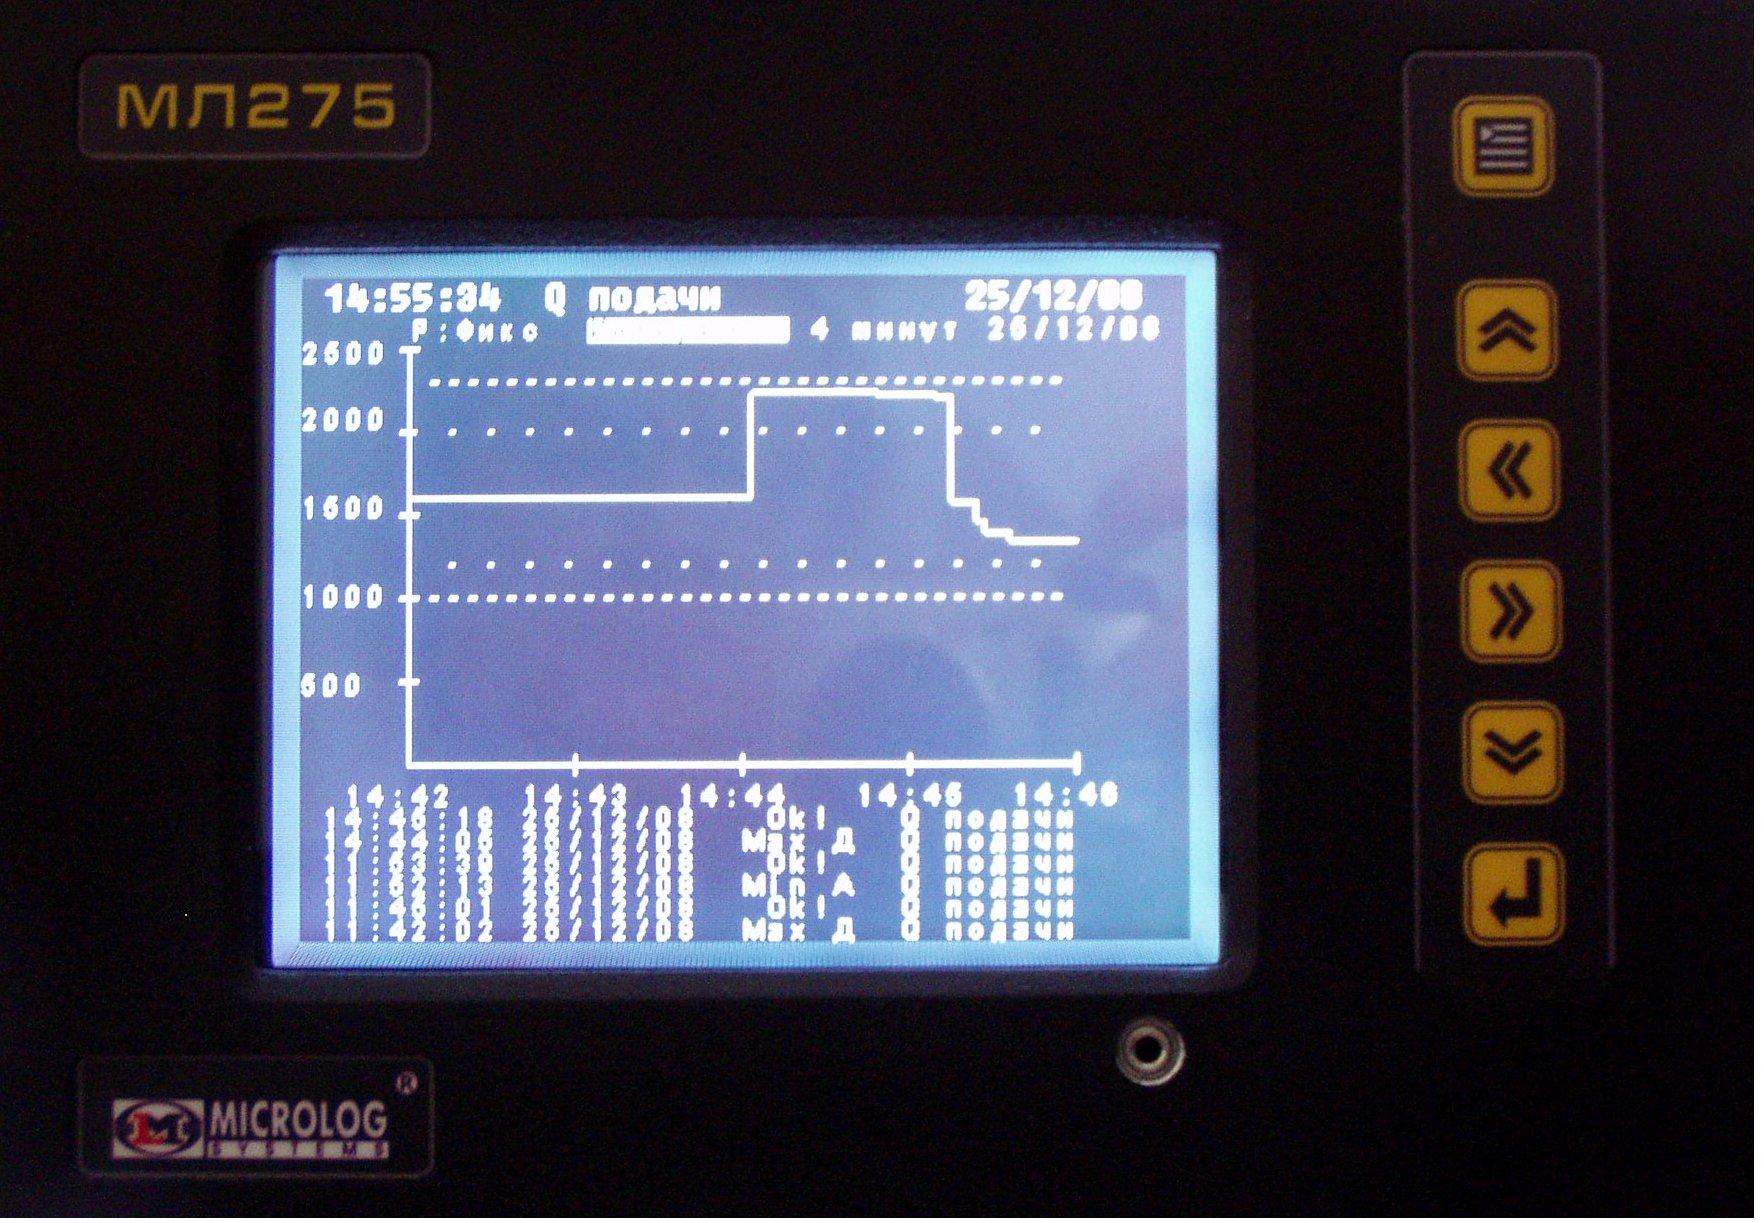 графический индикатор с подсветкой